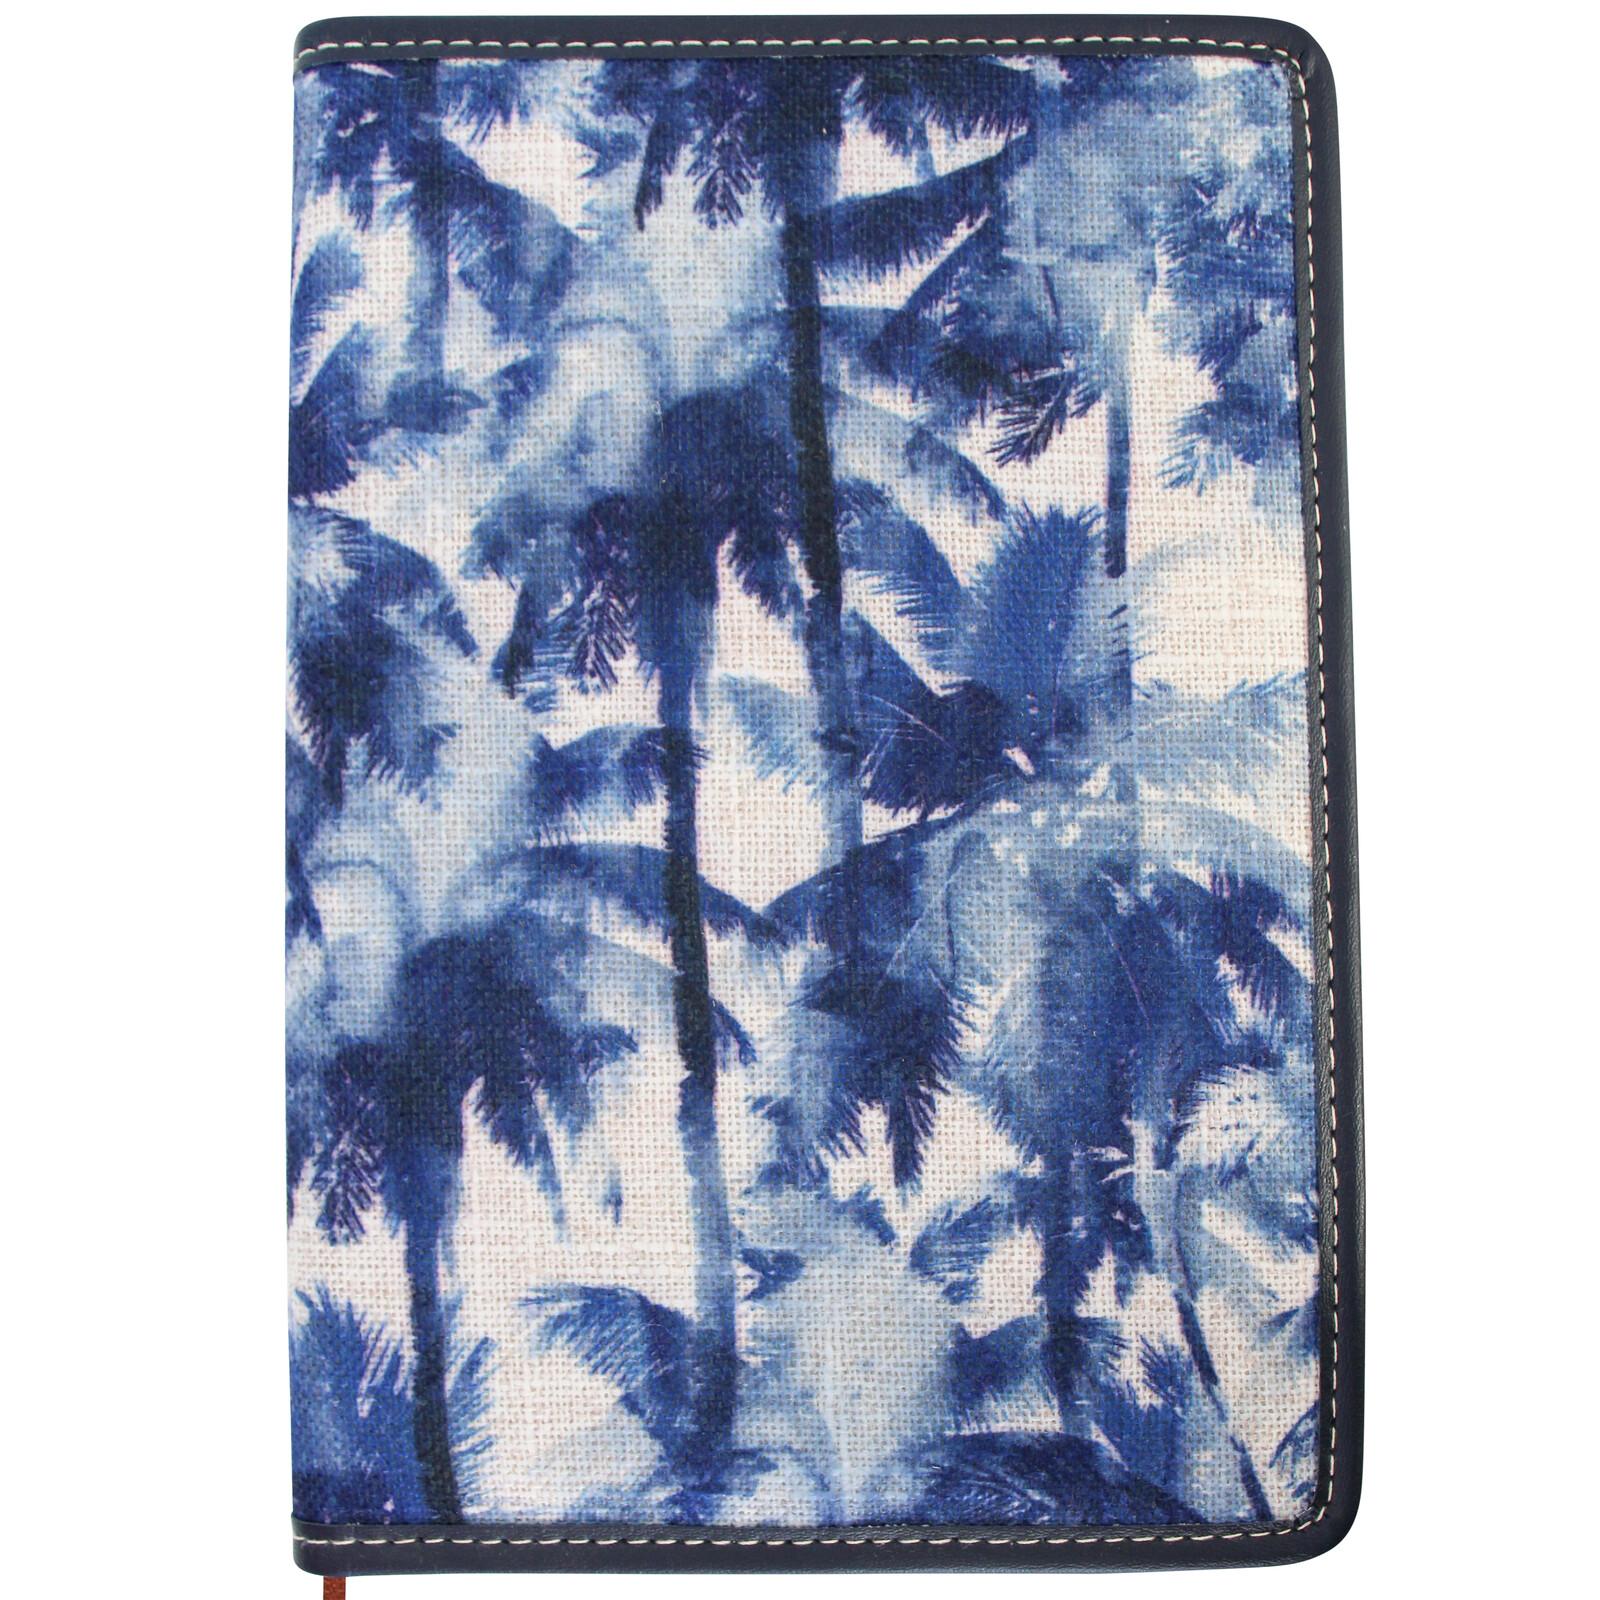 Notebook Sml Navy Palm